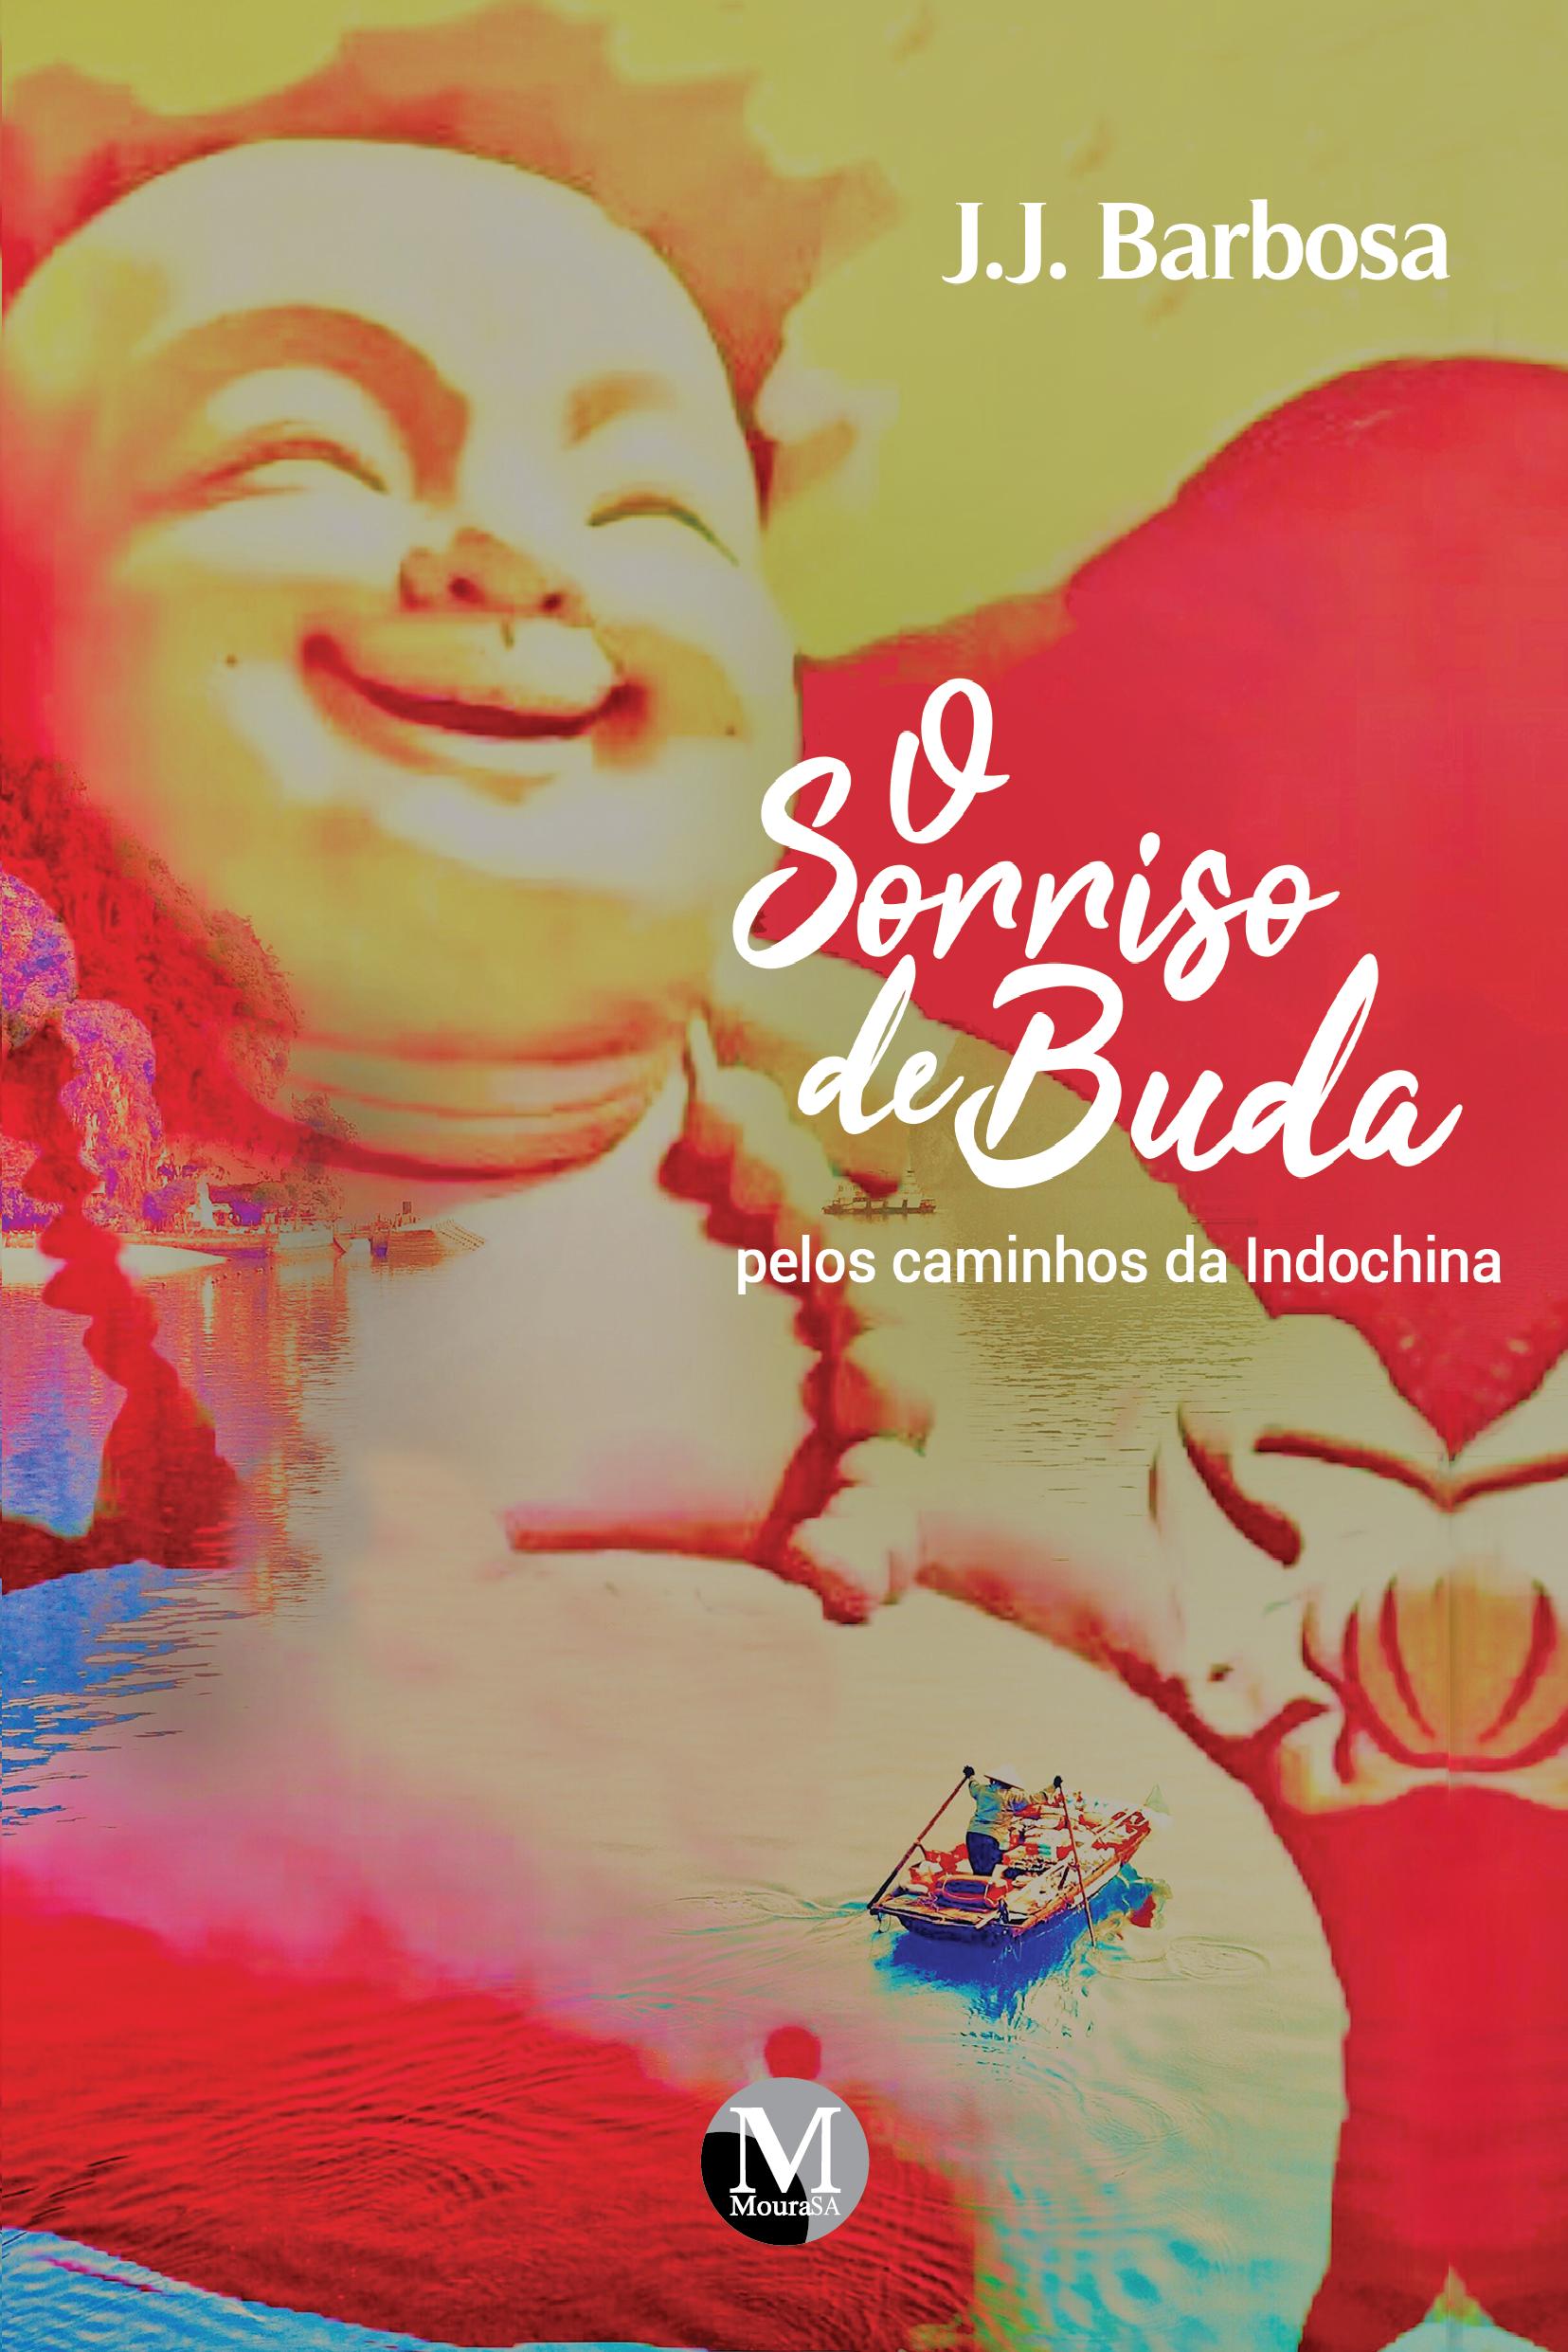 Capa do livro: O SORRISO DE BUDA <br> Pelos caminhos da Indochina